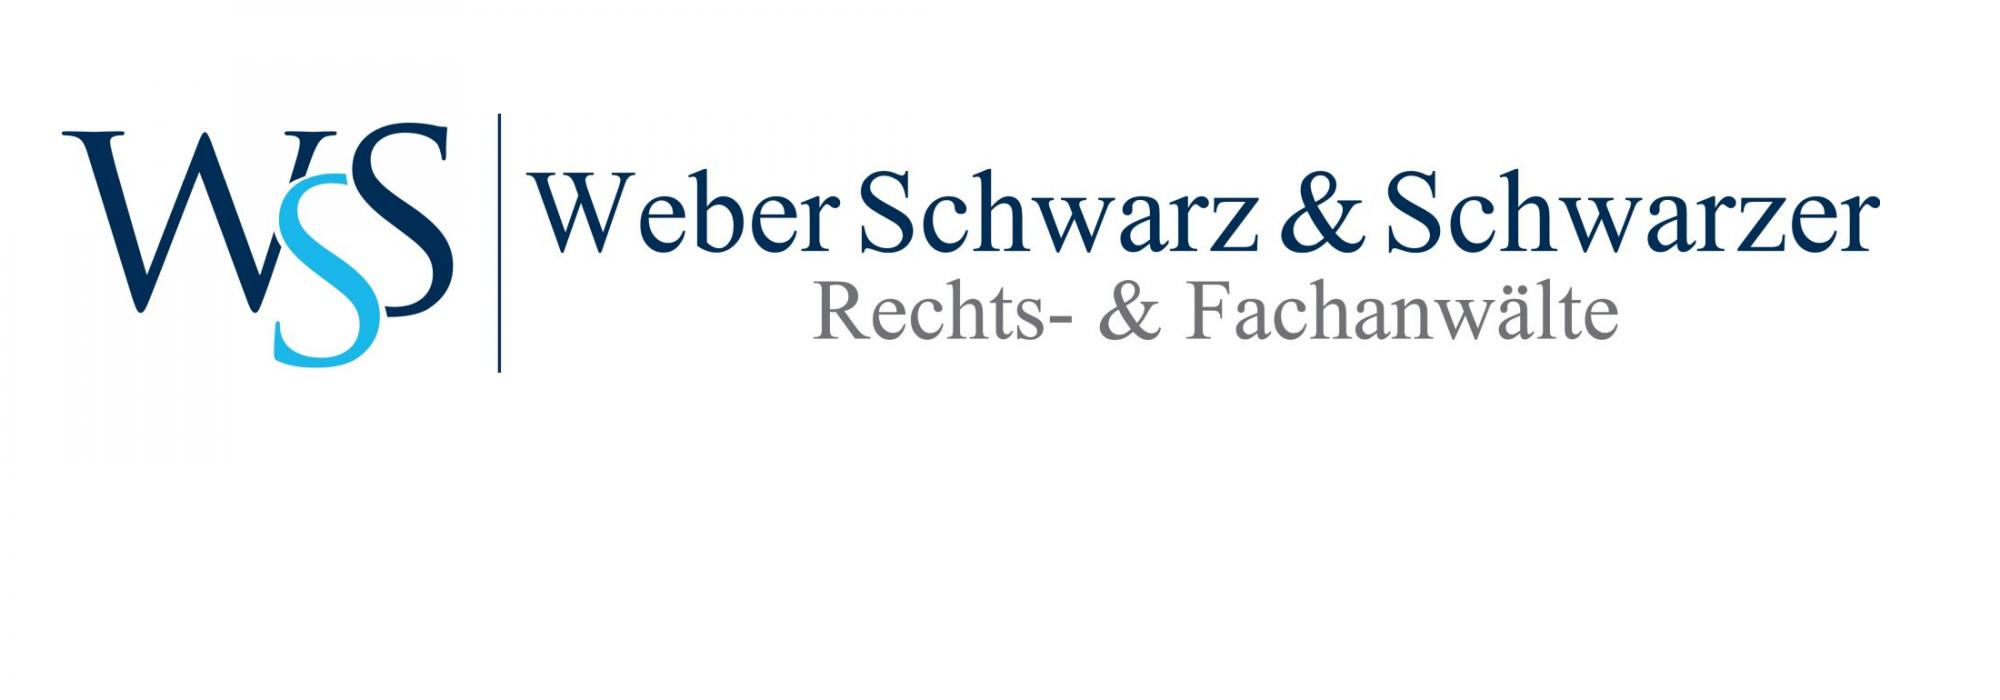 Bild zu Weber Schwarz & Schwarzer - Rechts- & Fachanwälte in Buchloe